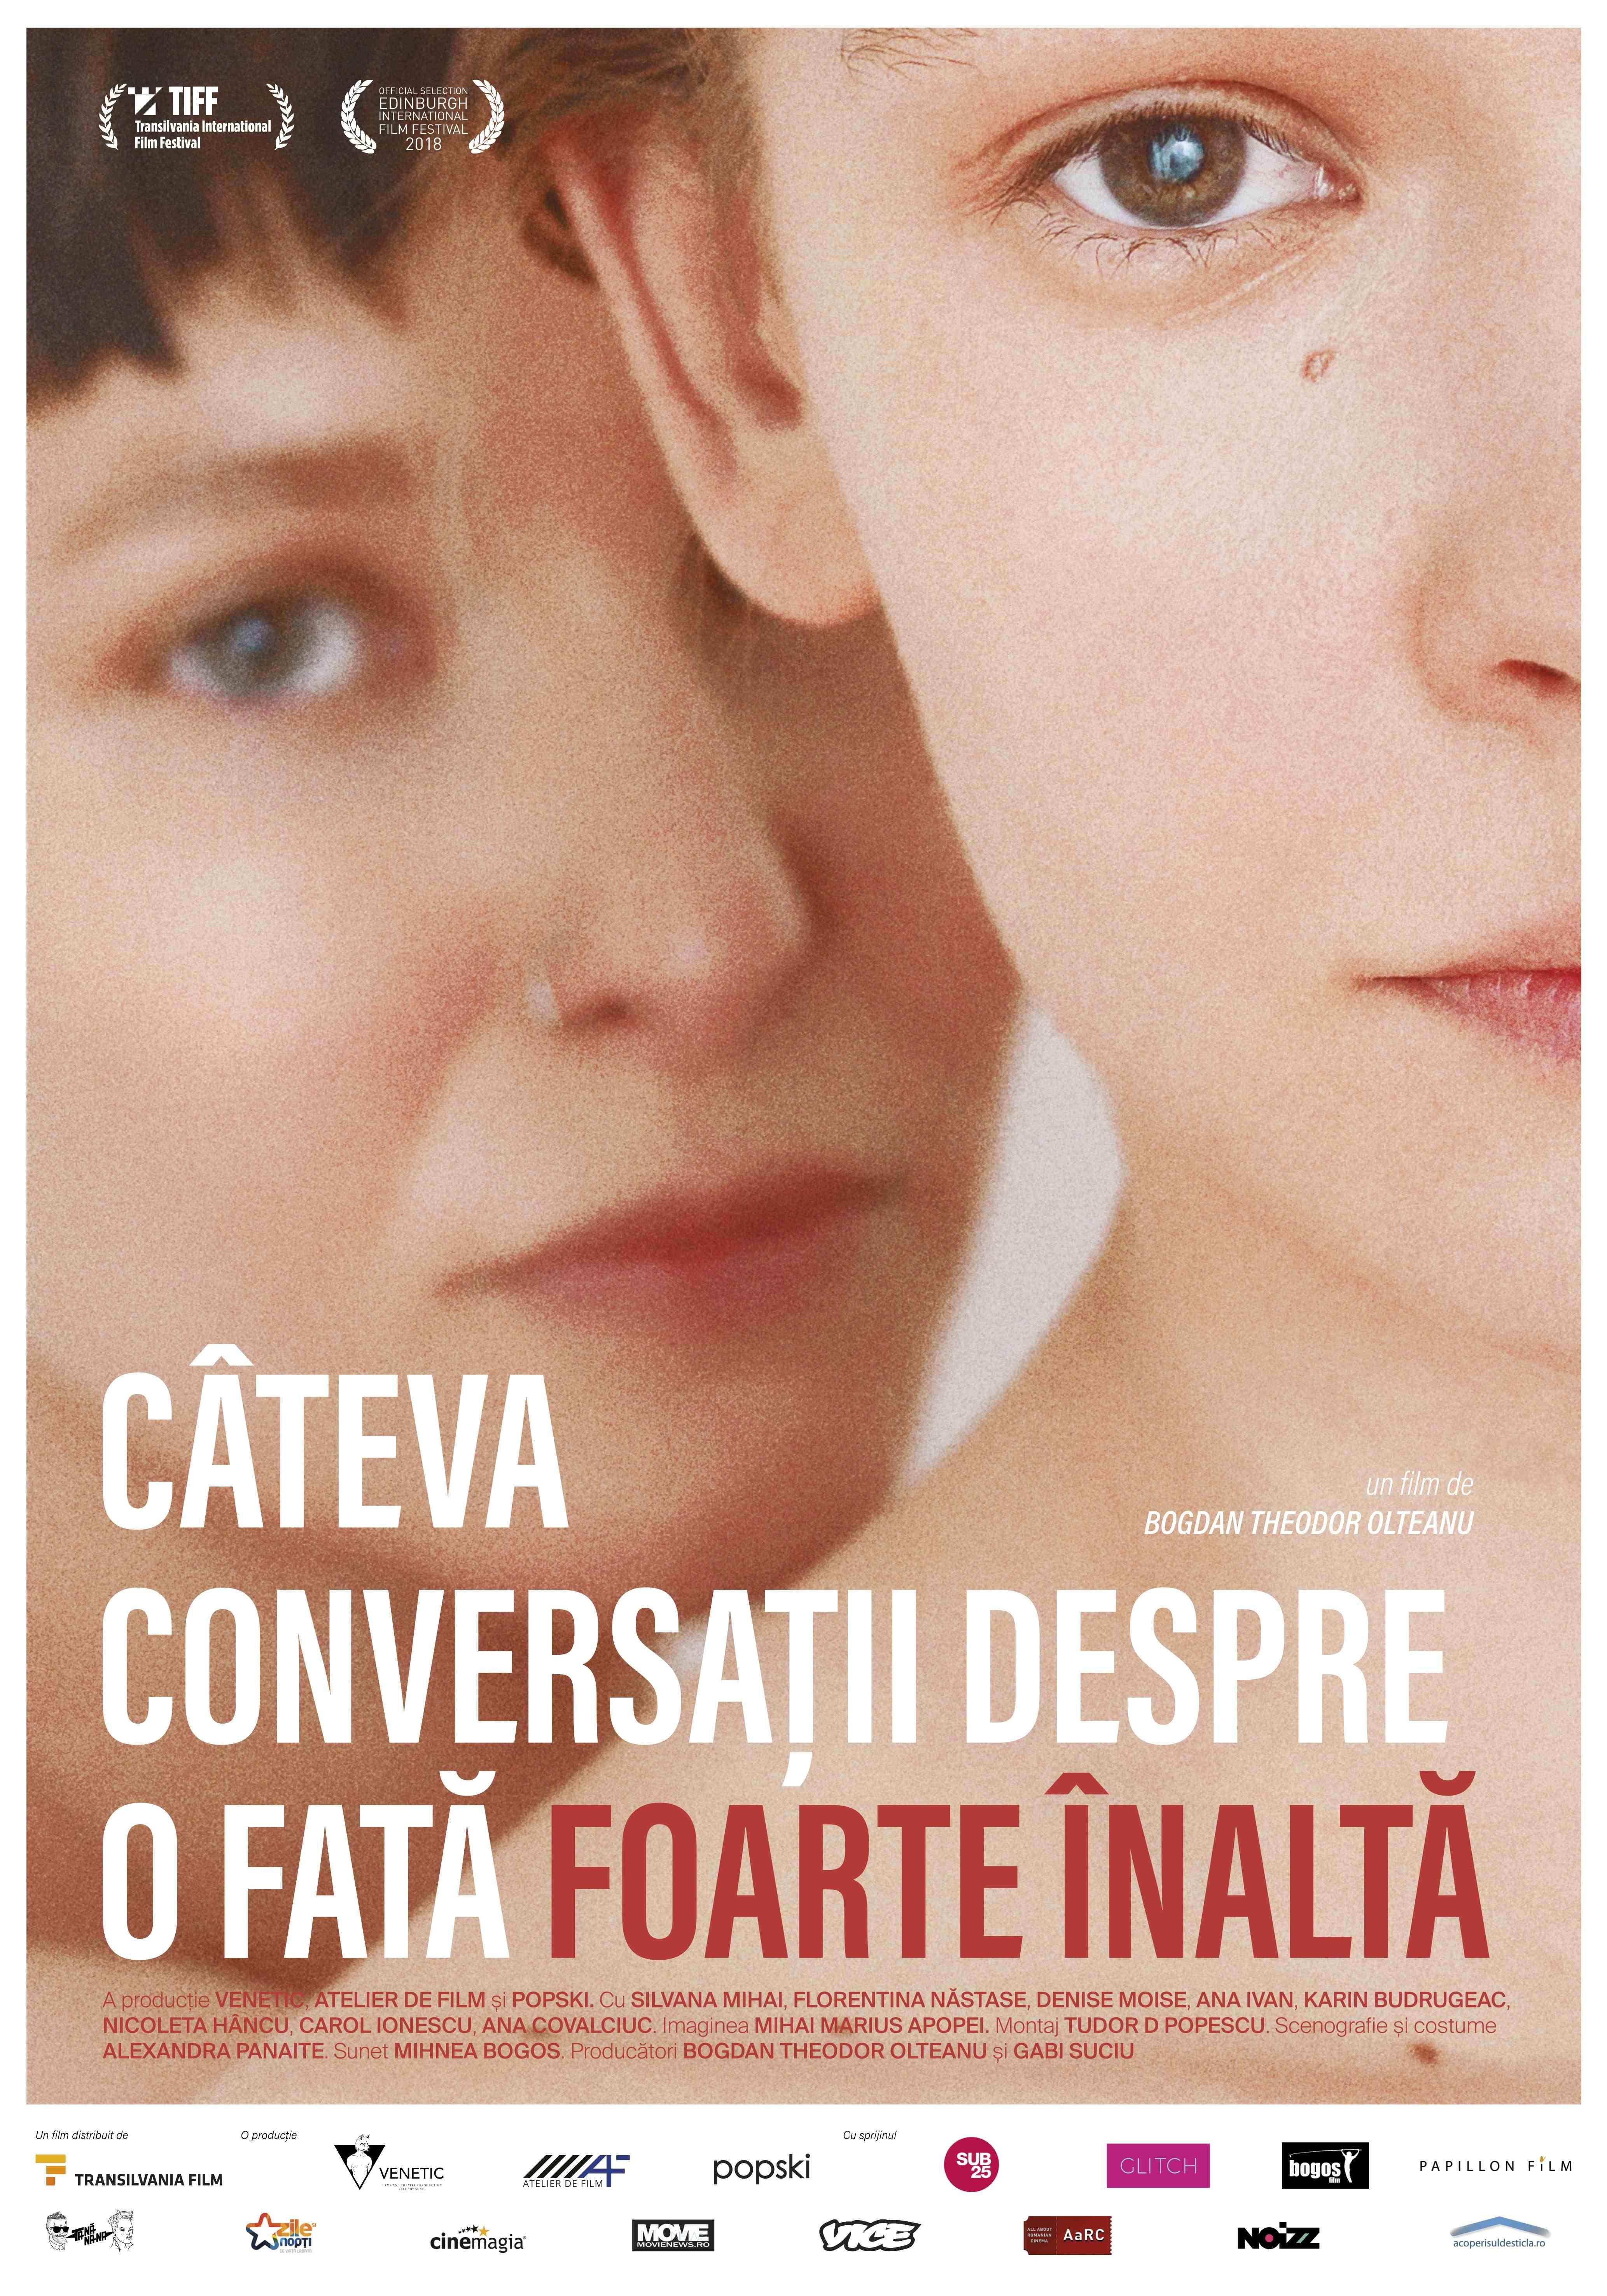 """{focus_keyword} """"Câteva conversații despre o fată foarte înaltă"""" de săptămâna viitoare în cinematografe Poster Ro 1"""